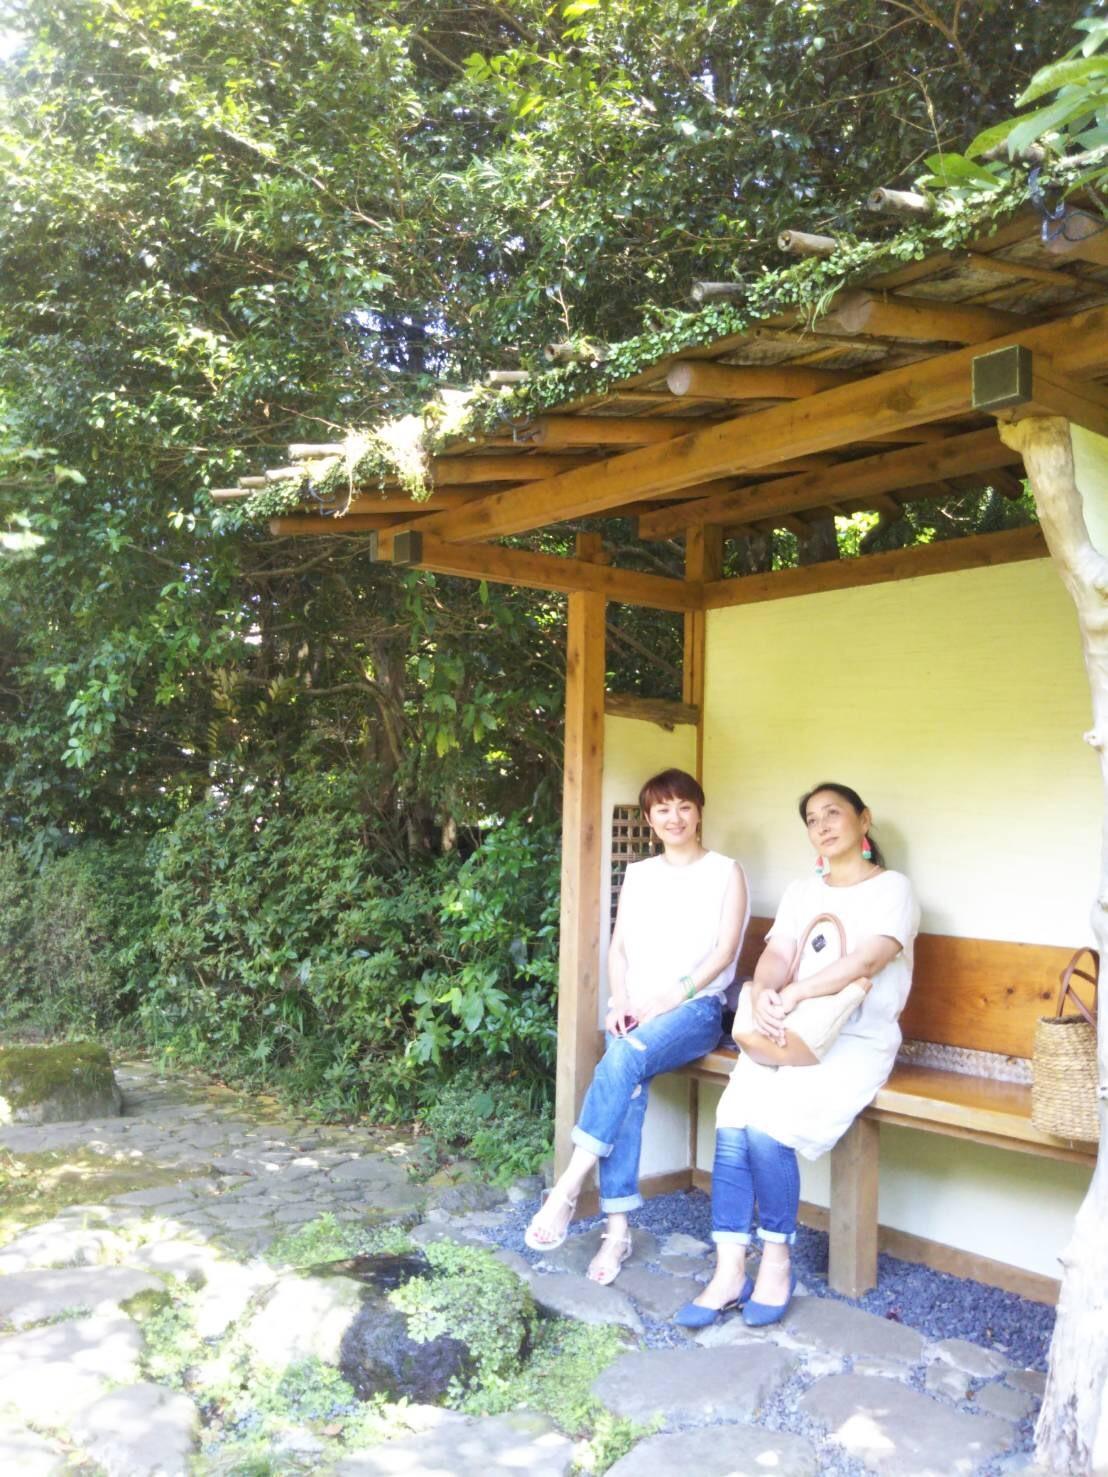 ひと足お先に夏休み 箱根日帰り温泉の旅を楽しんで来ました_1_3-2